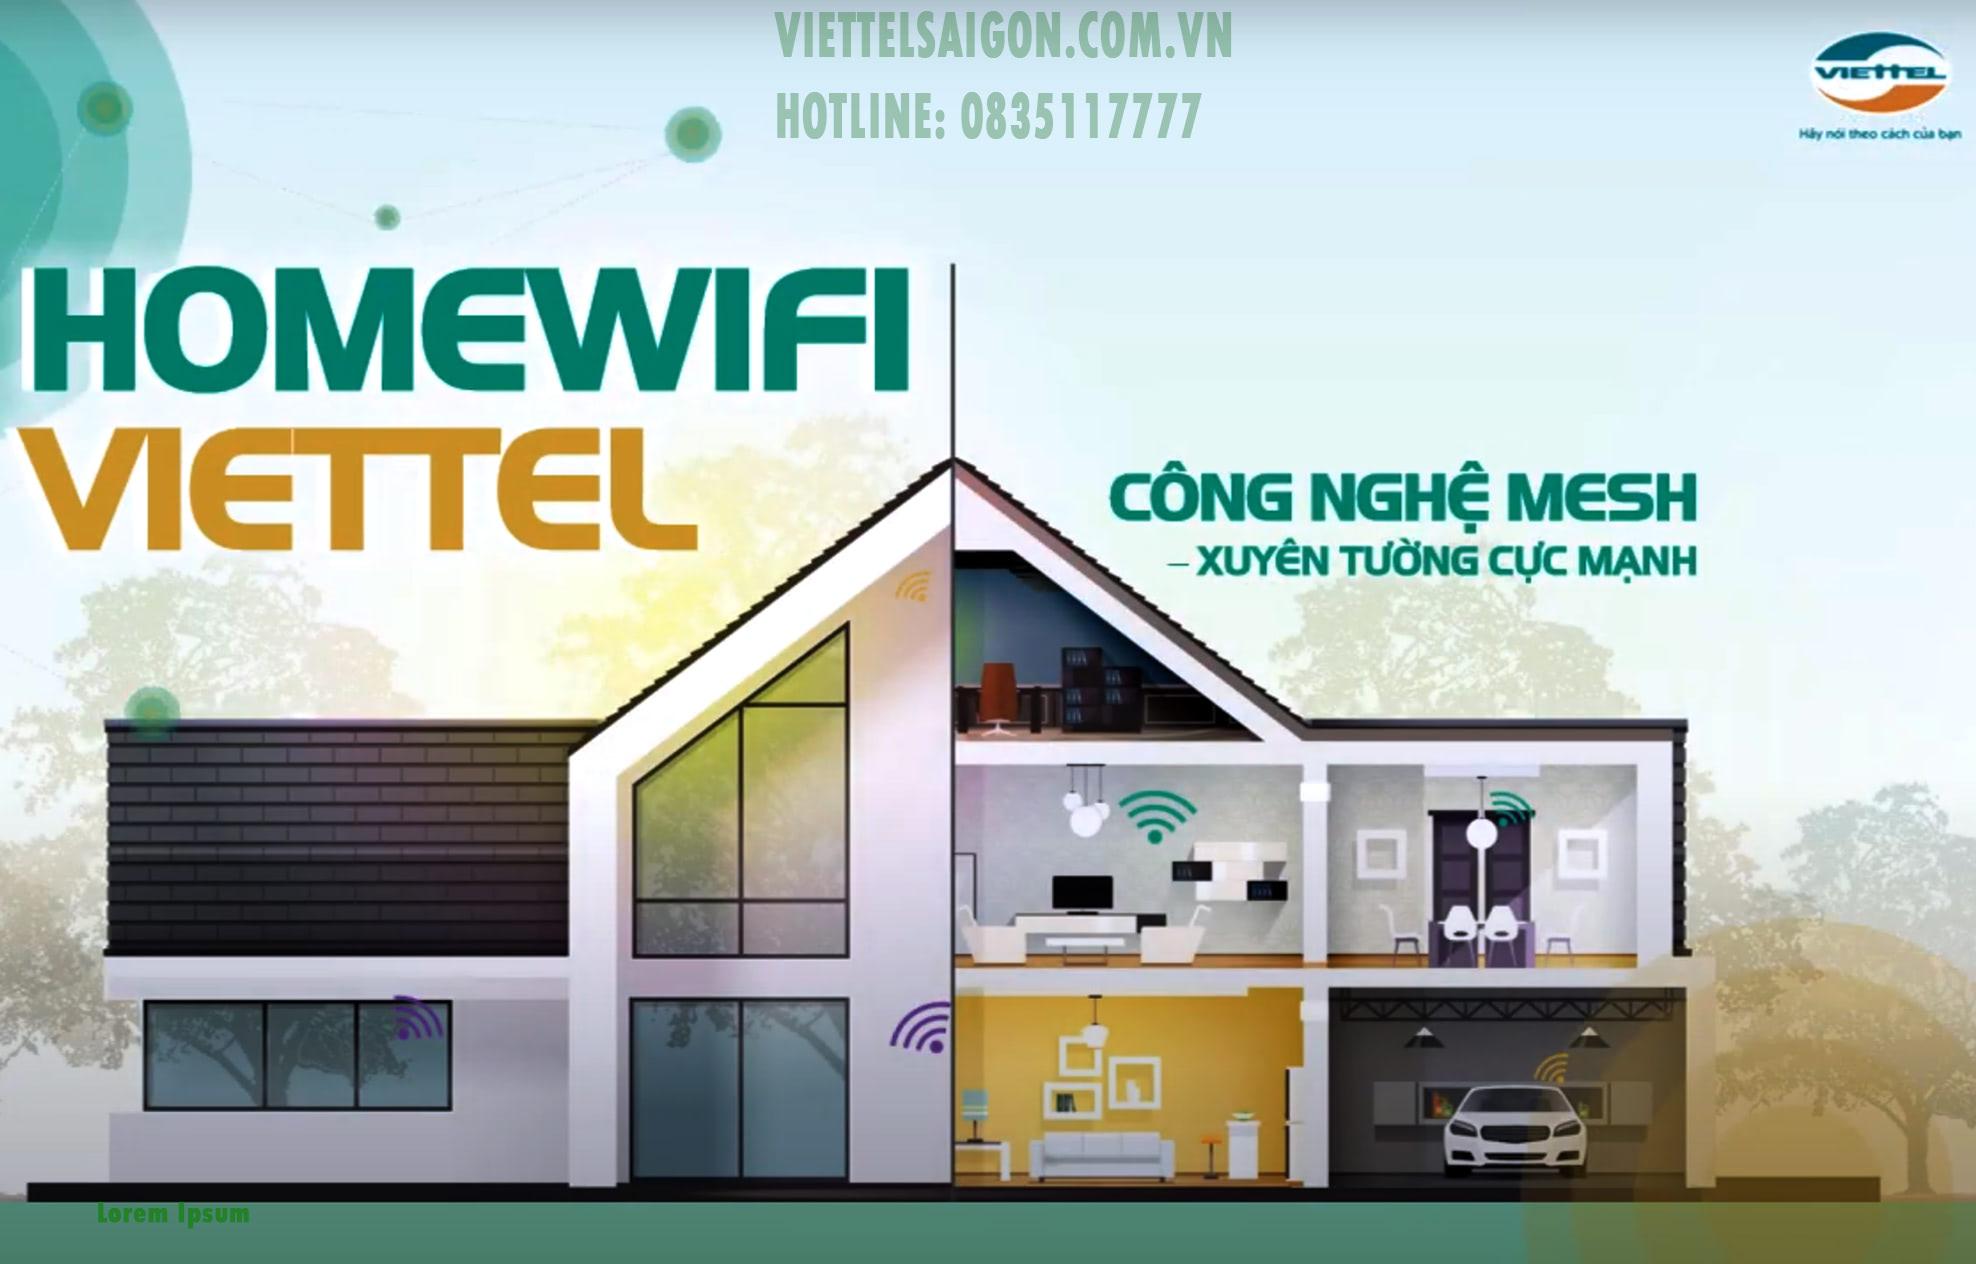 home wifi viettel